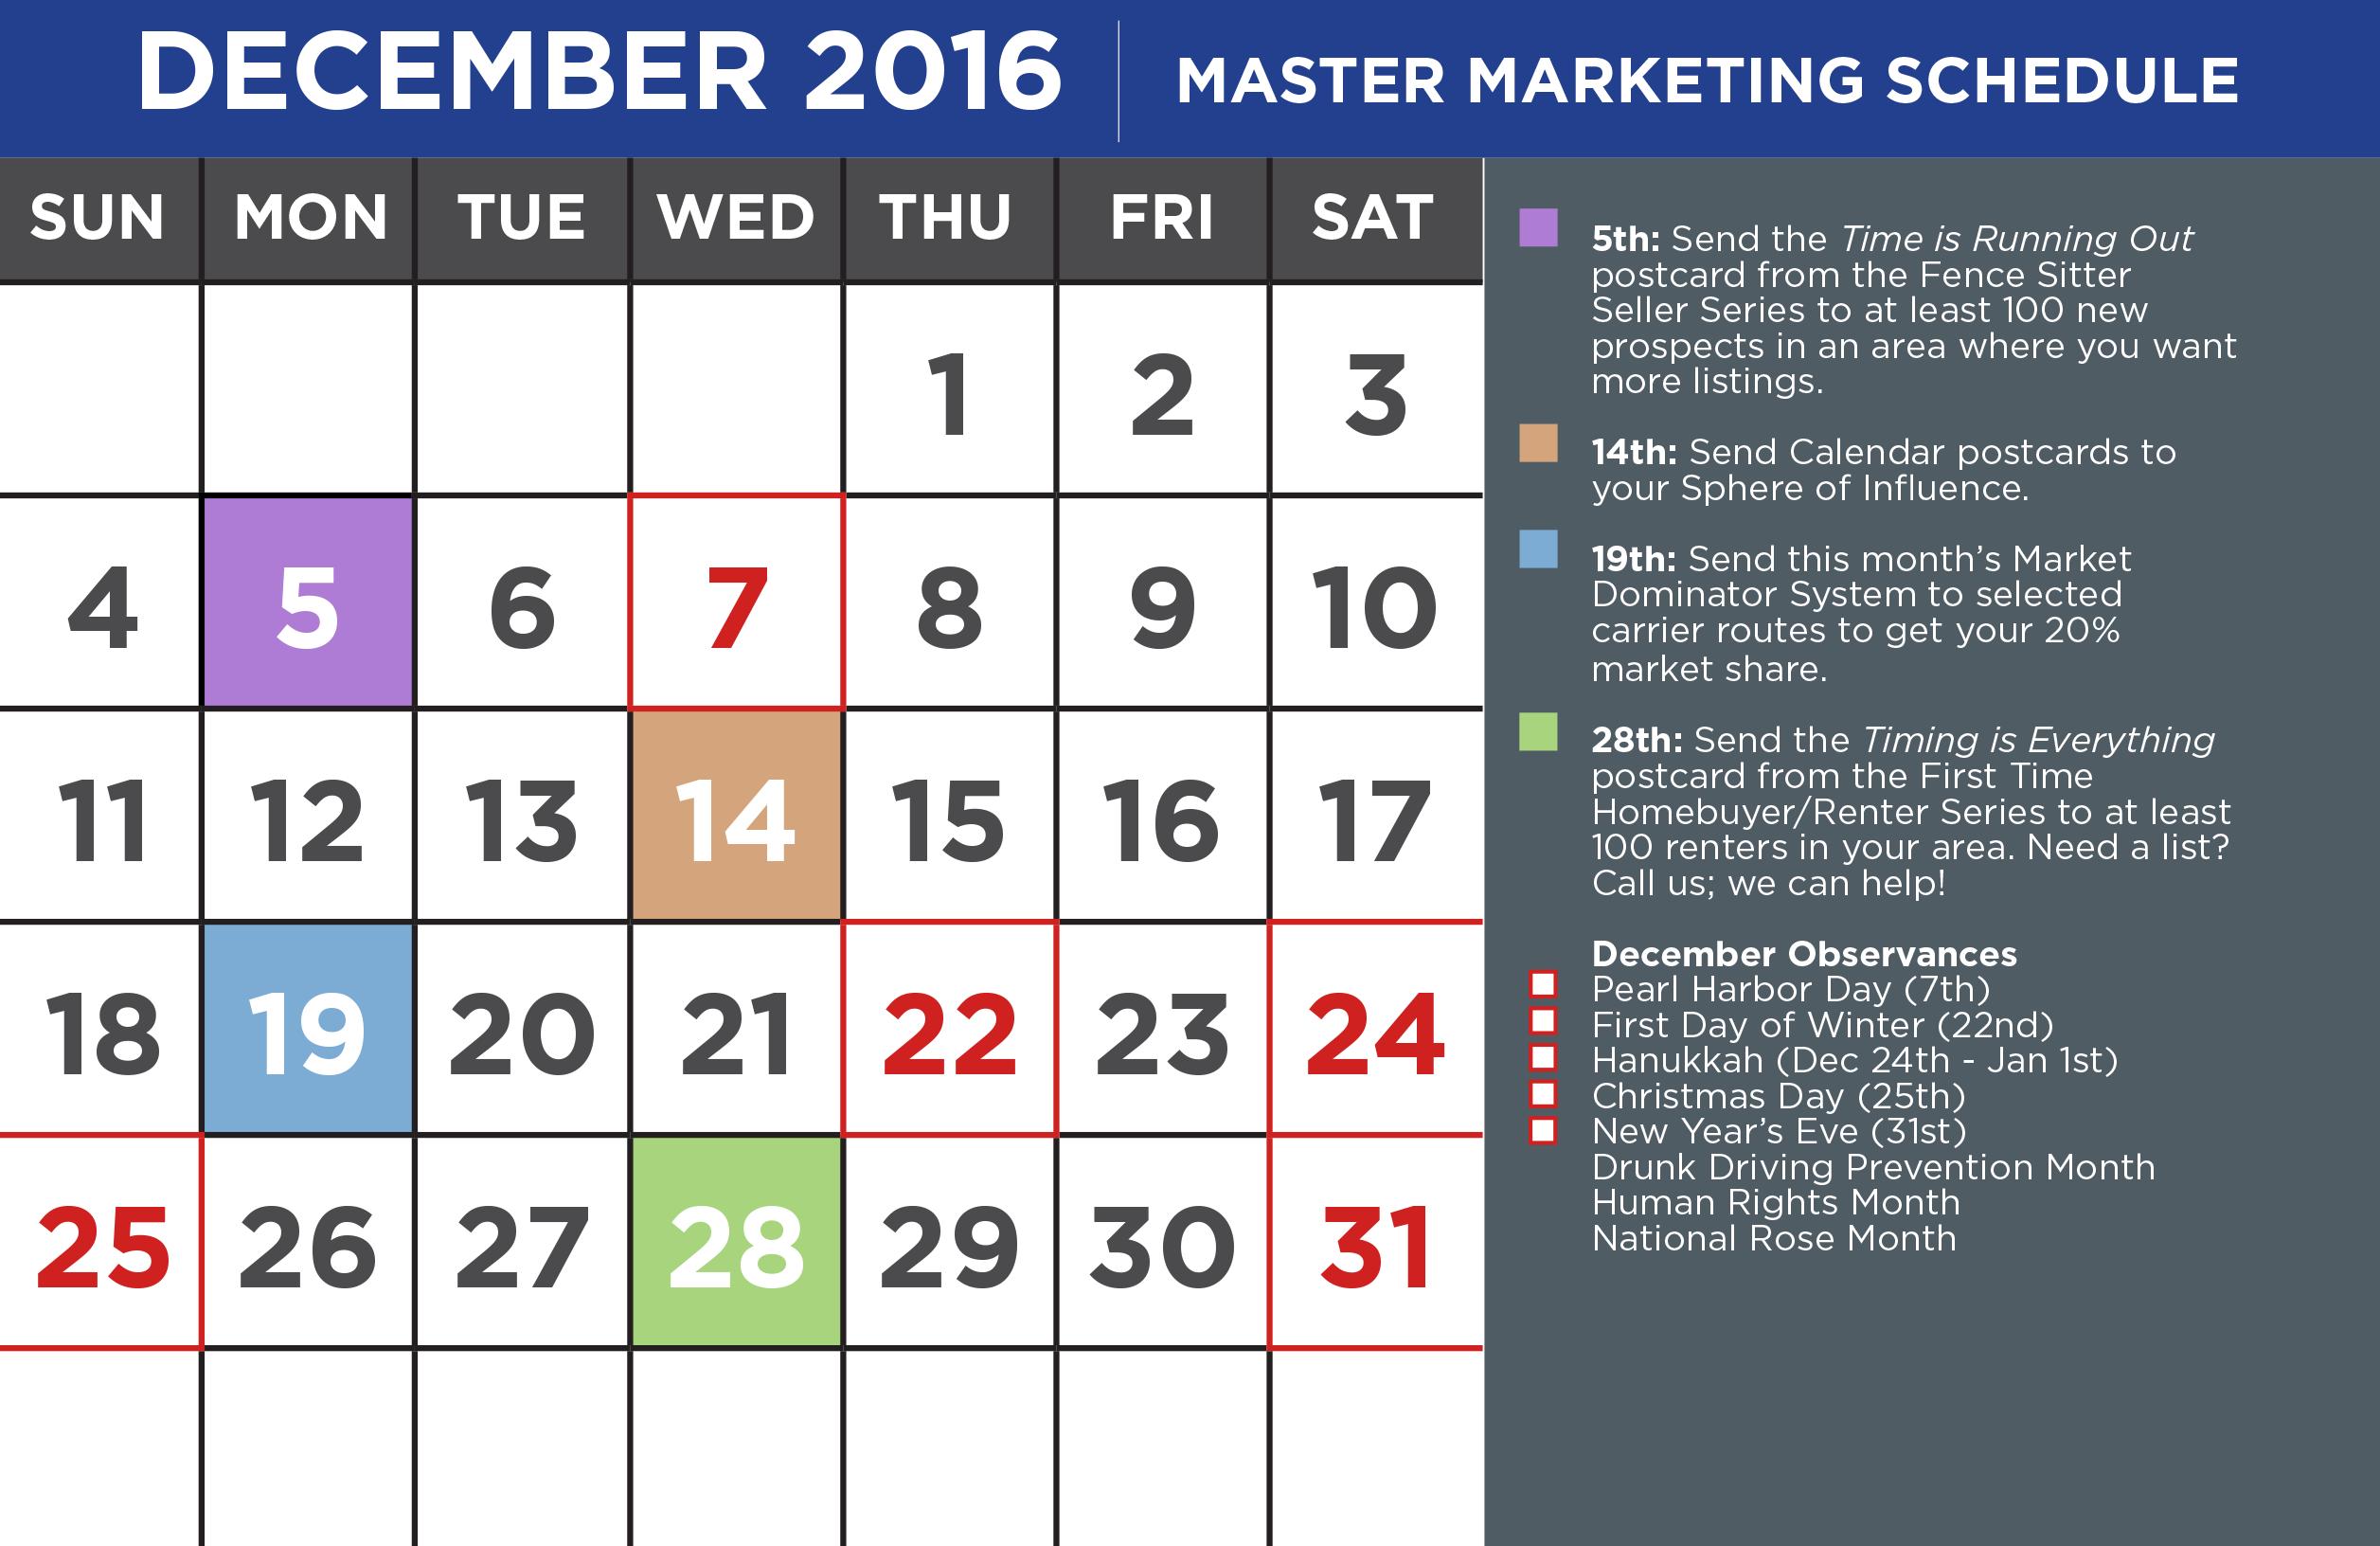 MasterMarketingCalendar_12_DECEMBER